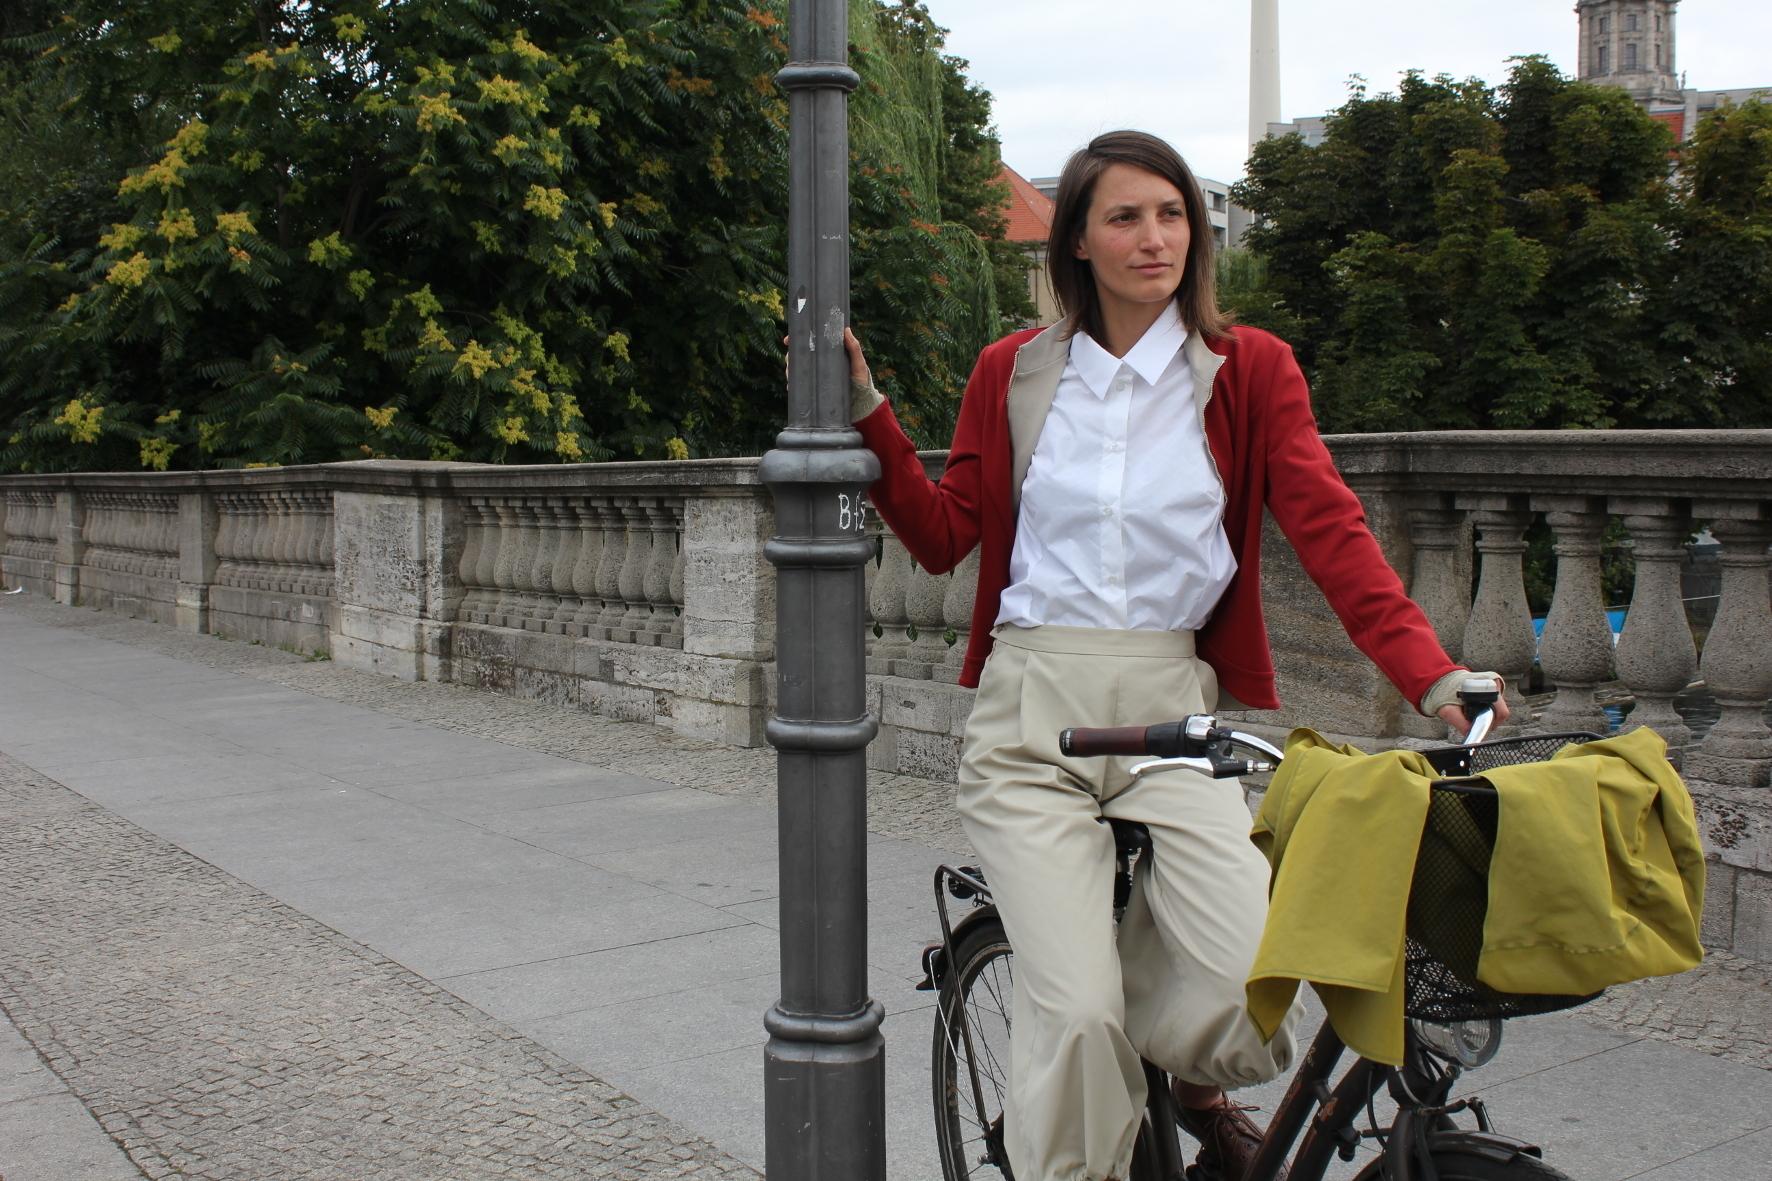 mid Groß-Gerau - Das kann sich sehen lassen: Junge Designerinnen haben nun Kleidungsstücke vorgestellt, die sowohl fürs Business als auch das Radeln taugen.